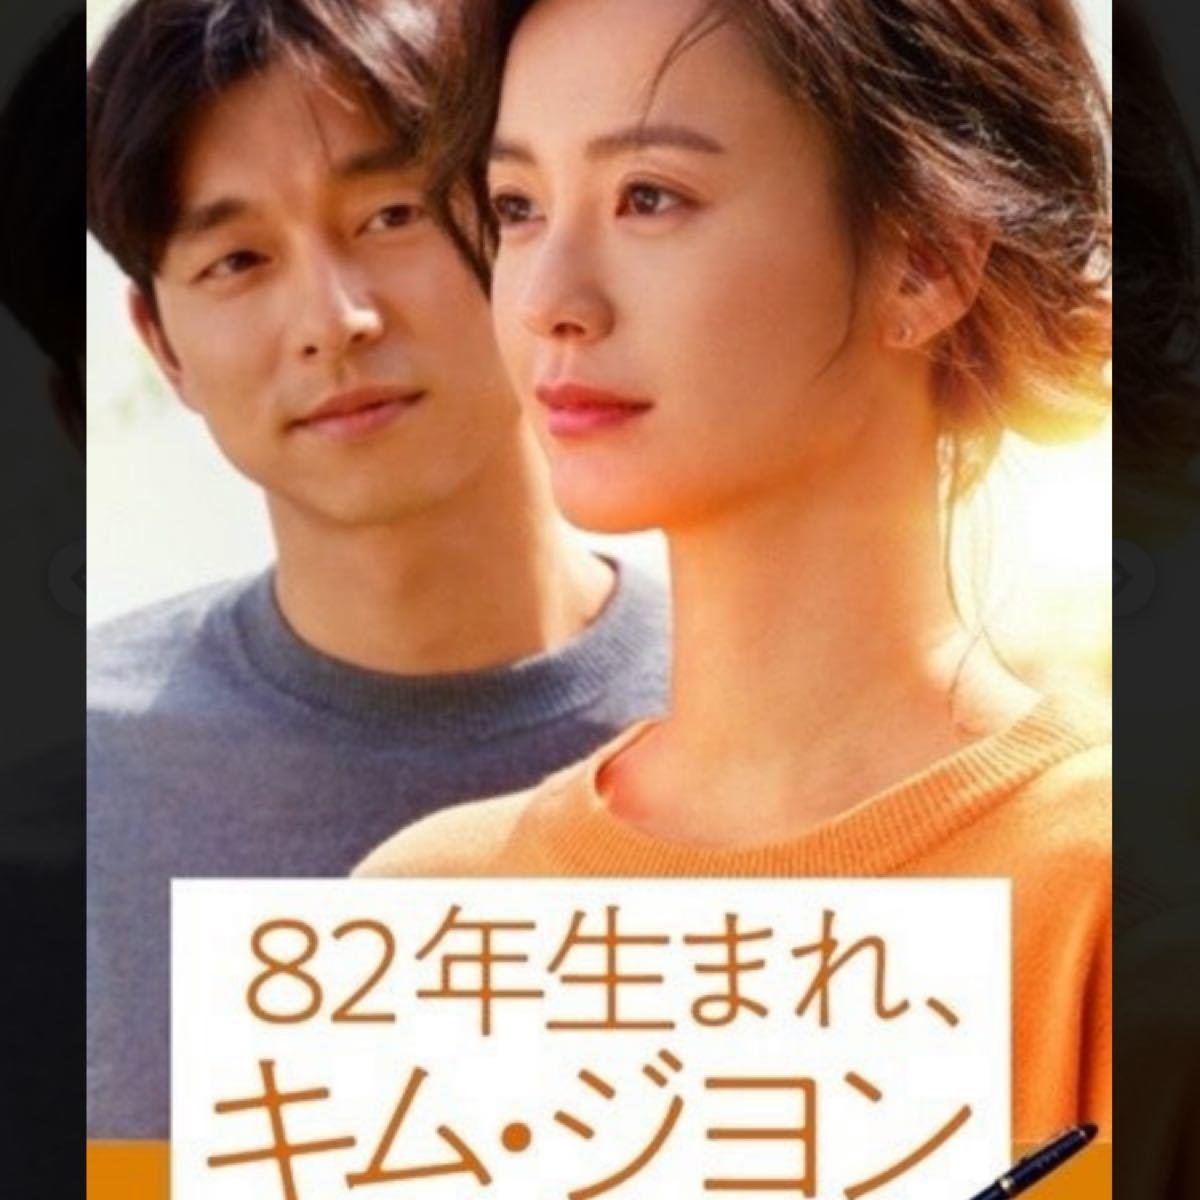 韓国映画 ☆82年生まれ、キム・ジヨン☆チョン・ユミ&コン・ユ共演 ●DVD